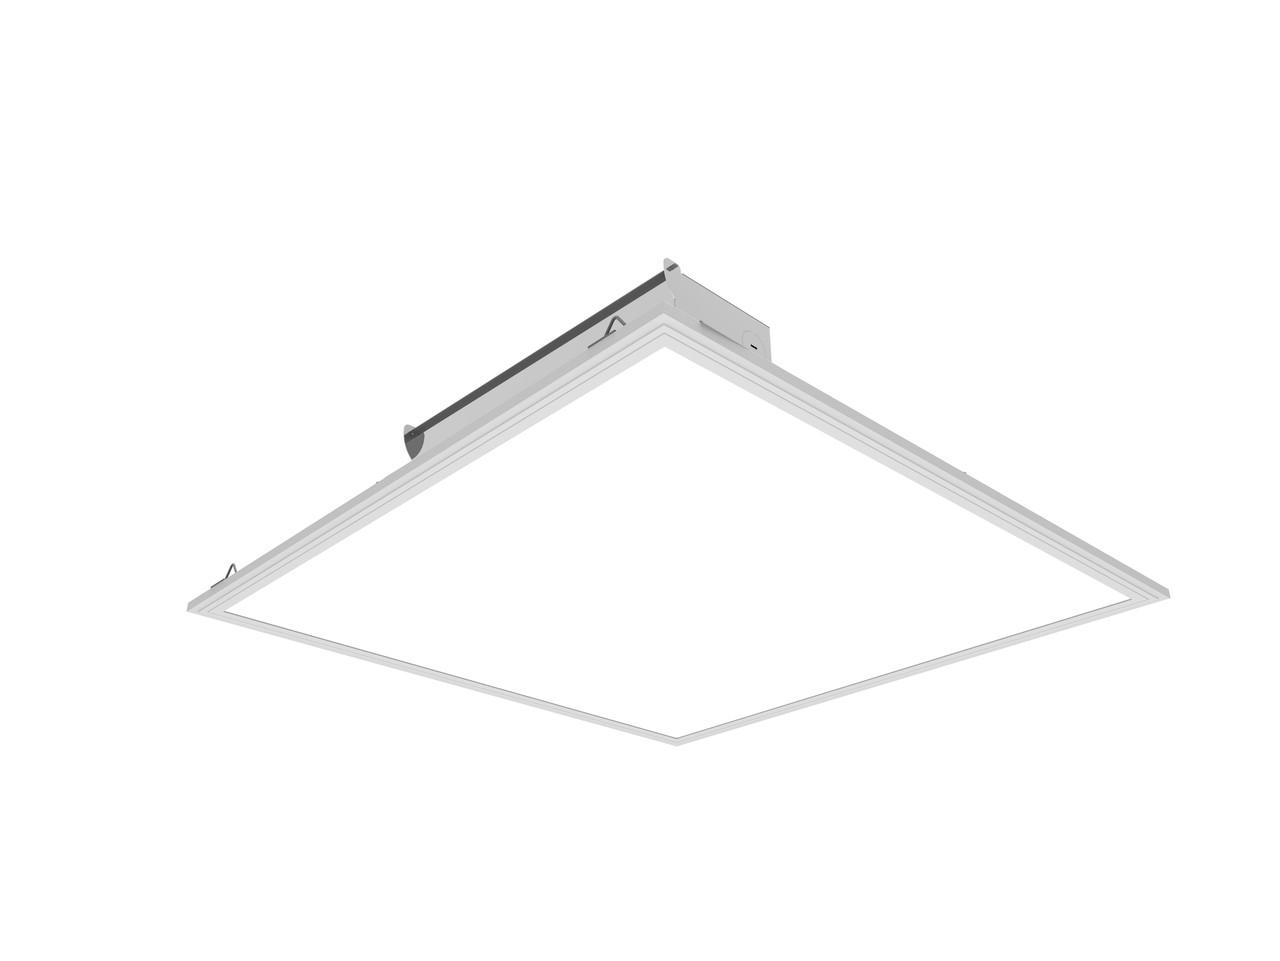 LED Flat Panel 2X2 - 30 Watt - 5000K - Dimmable - For Standard Drop Ceilings